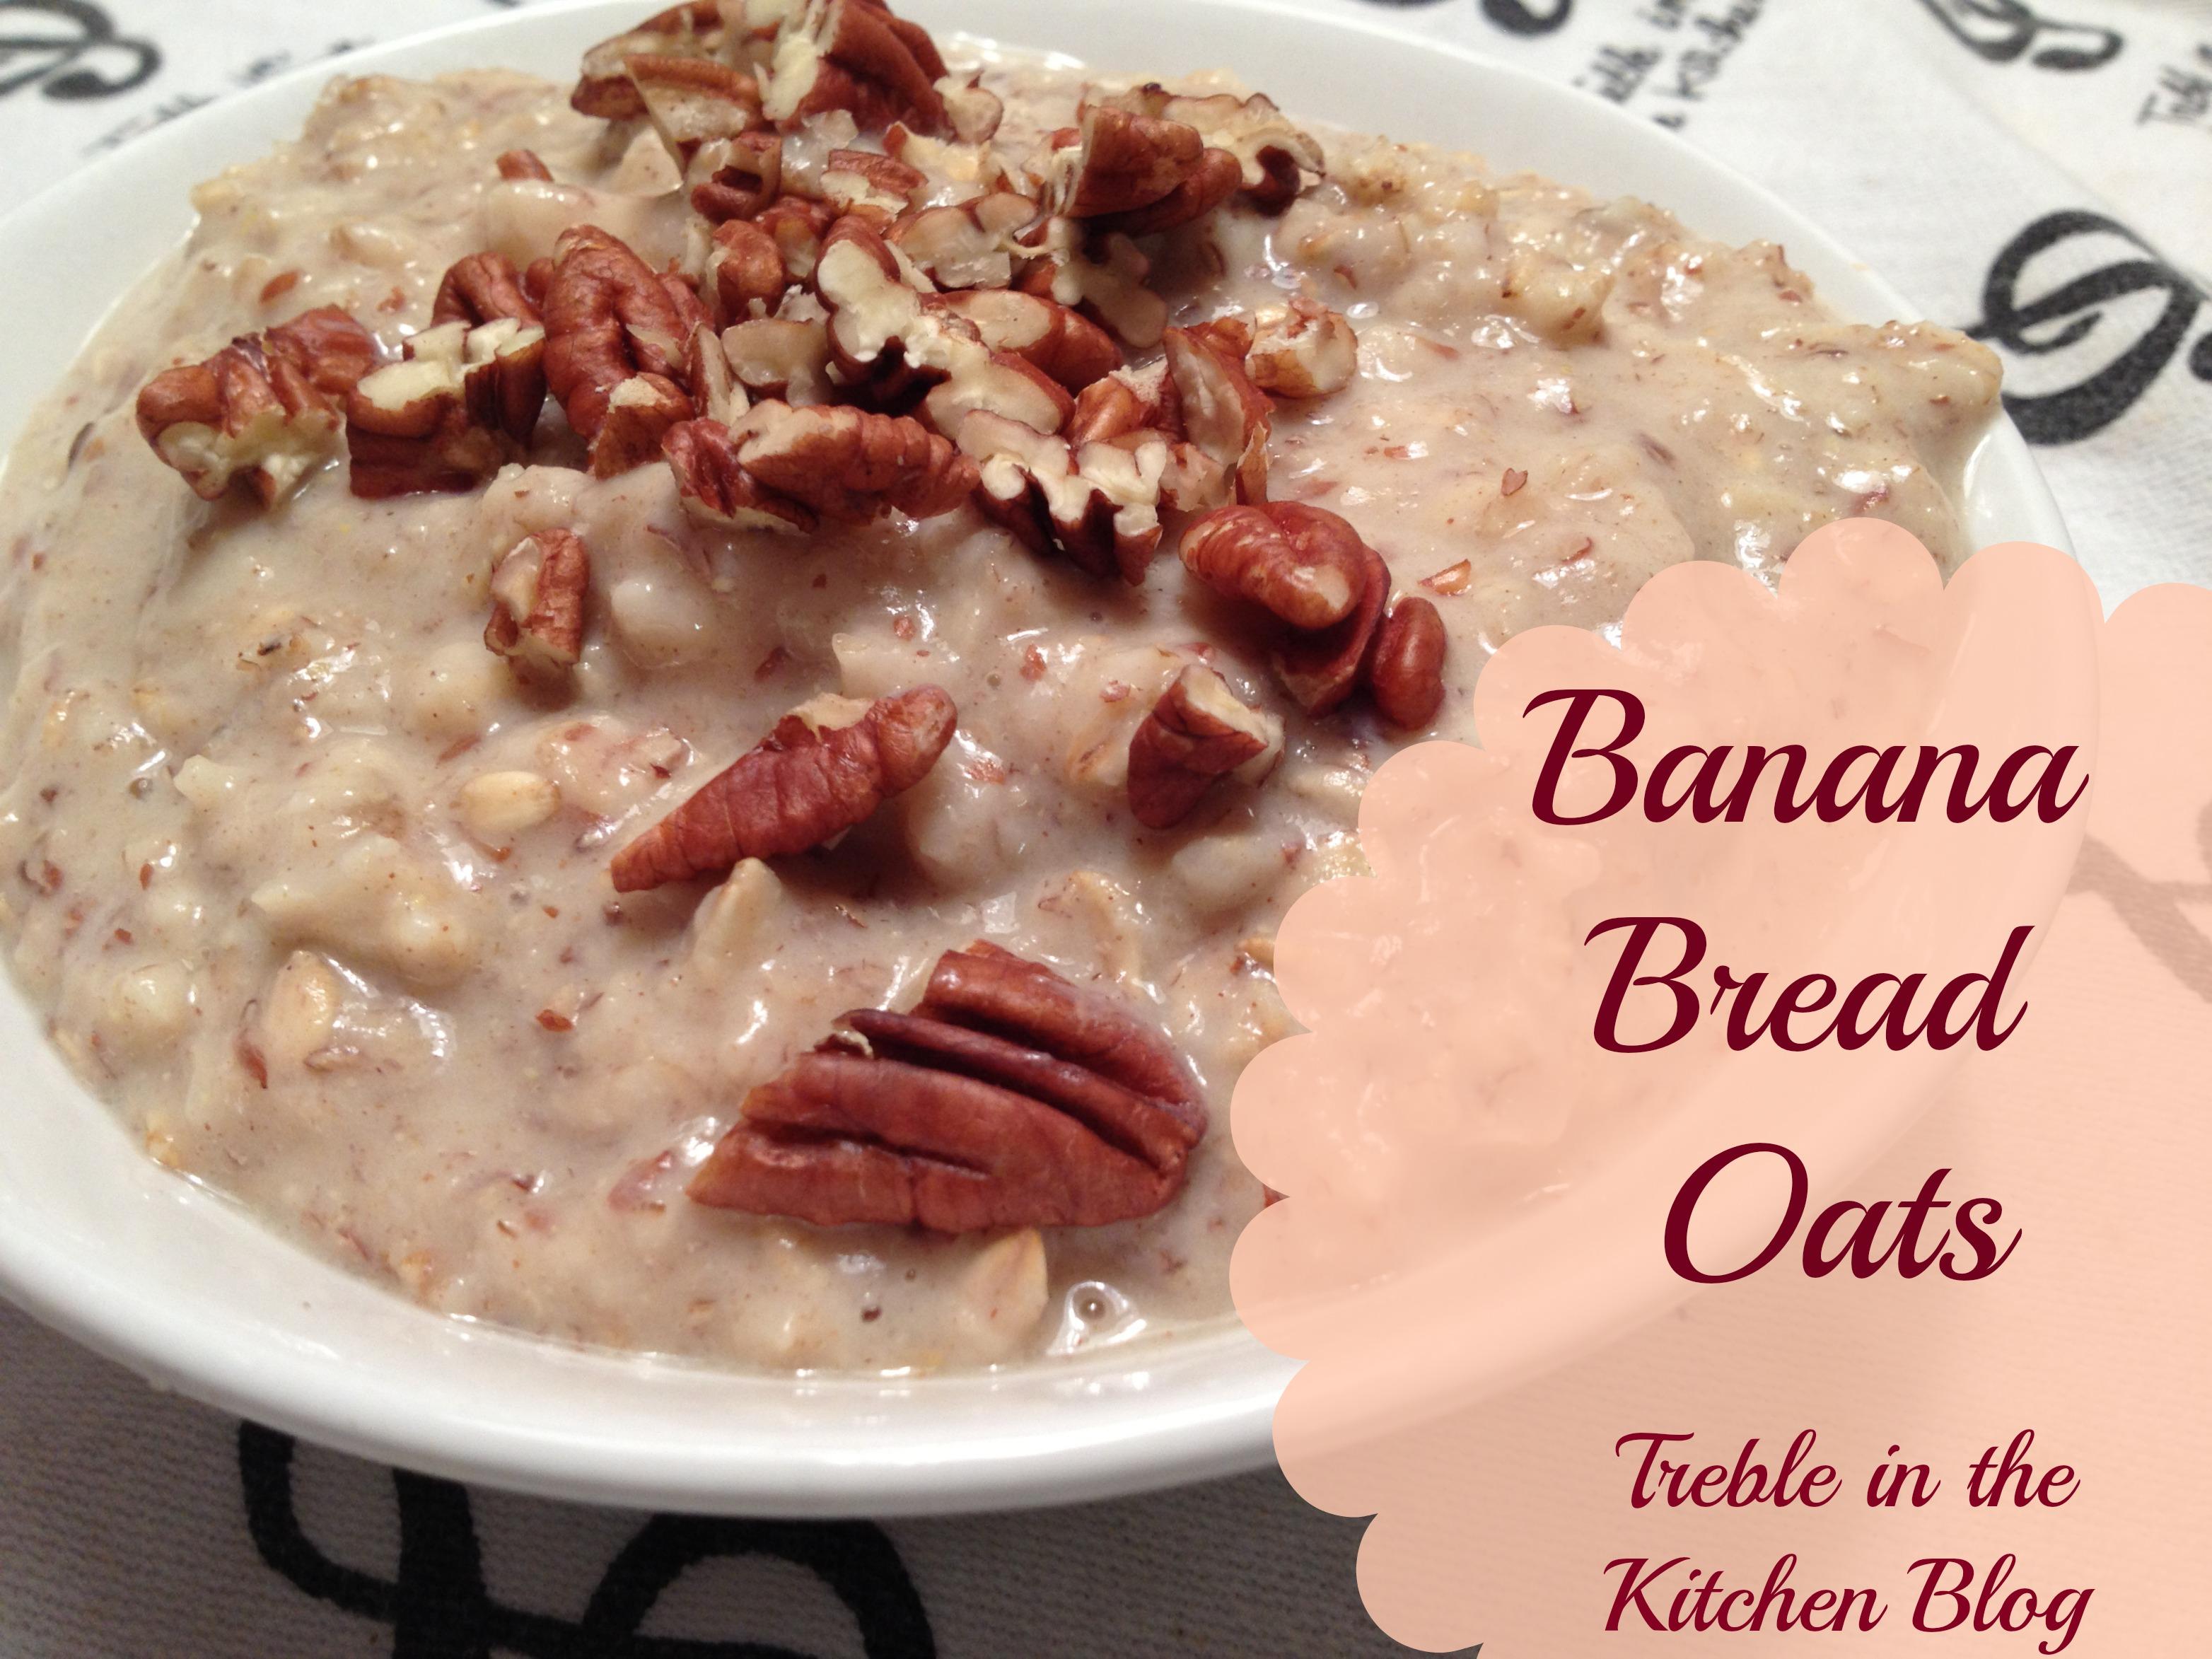 banana bread oats text